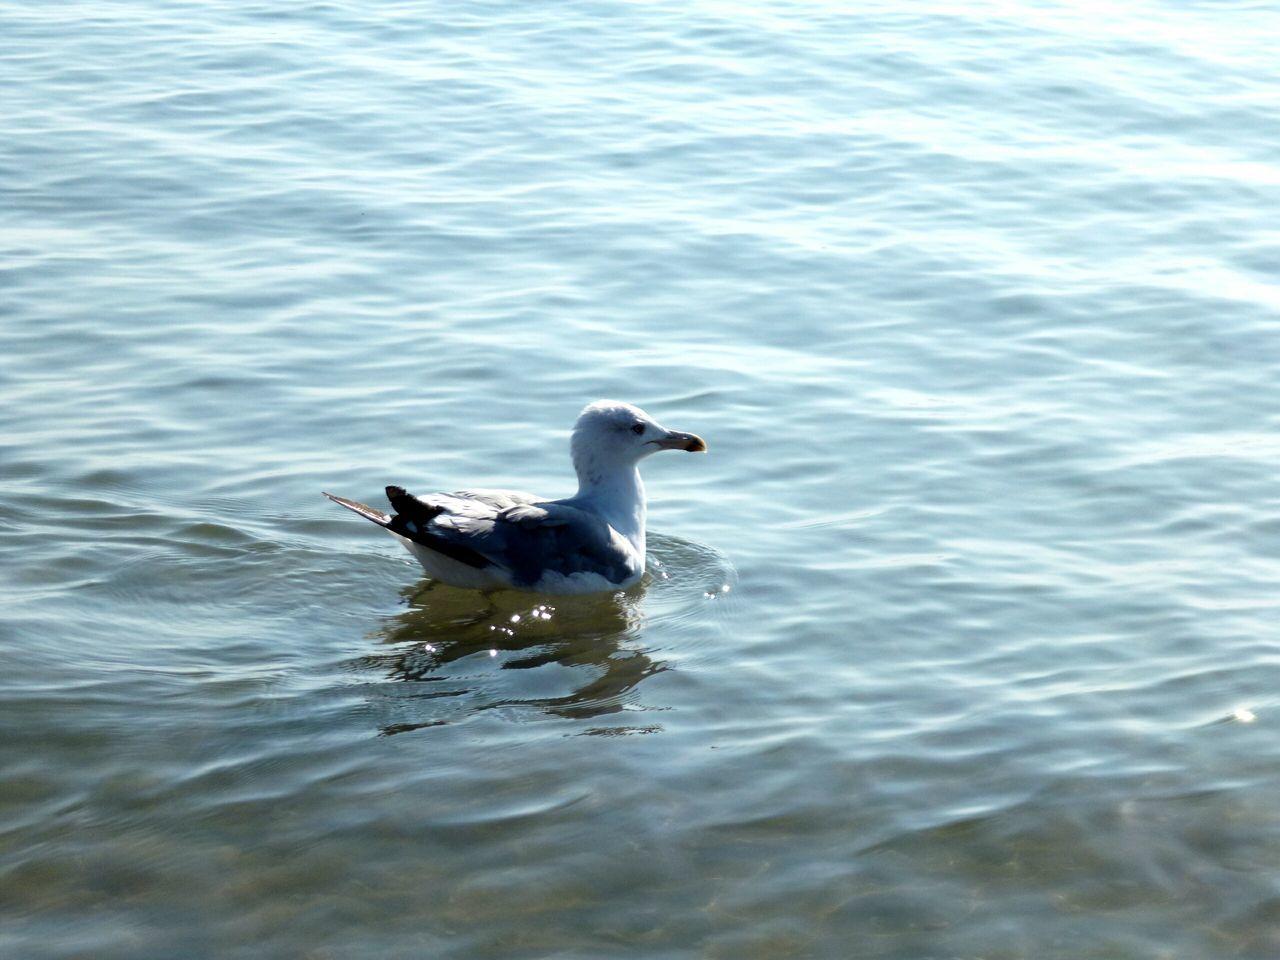 Seagull Swimming On Sea